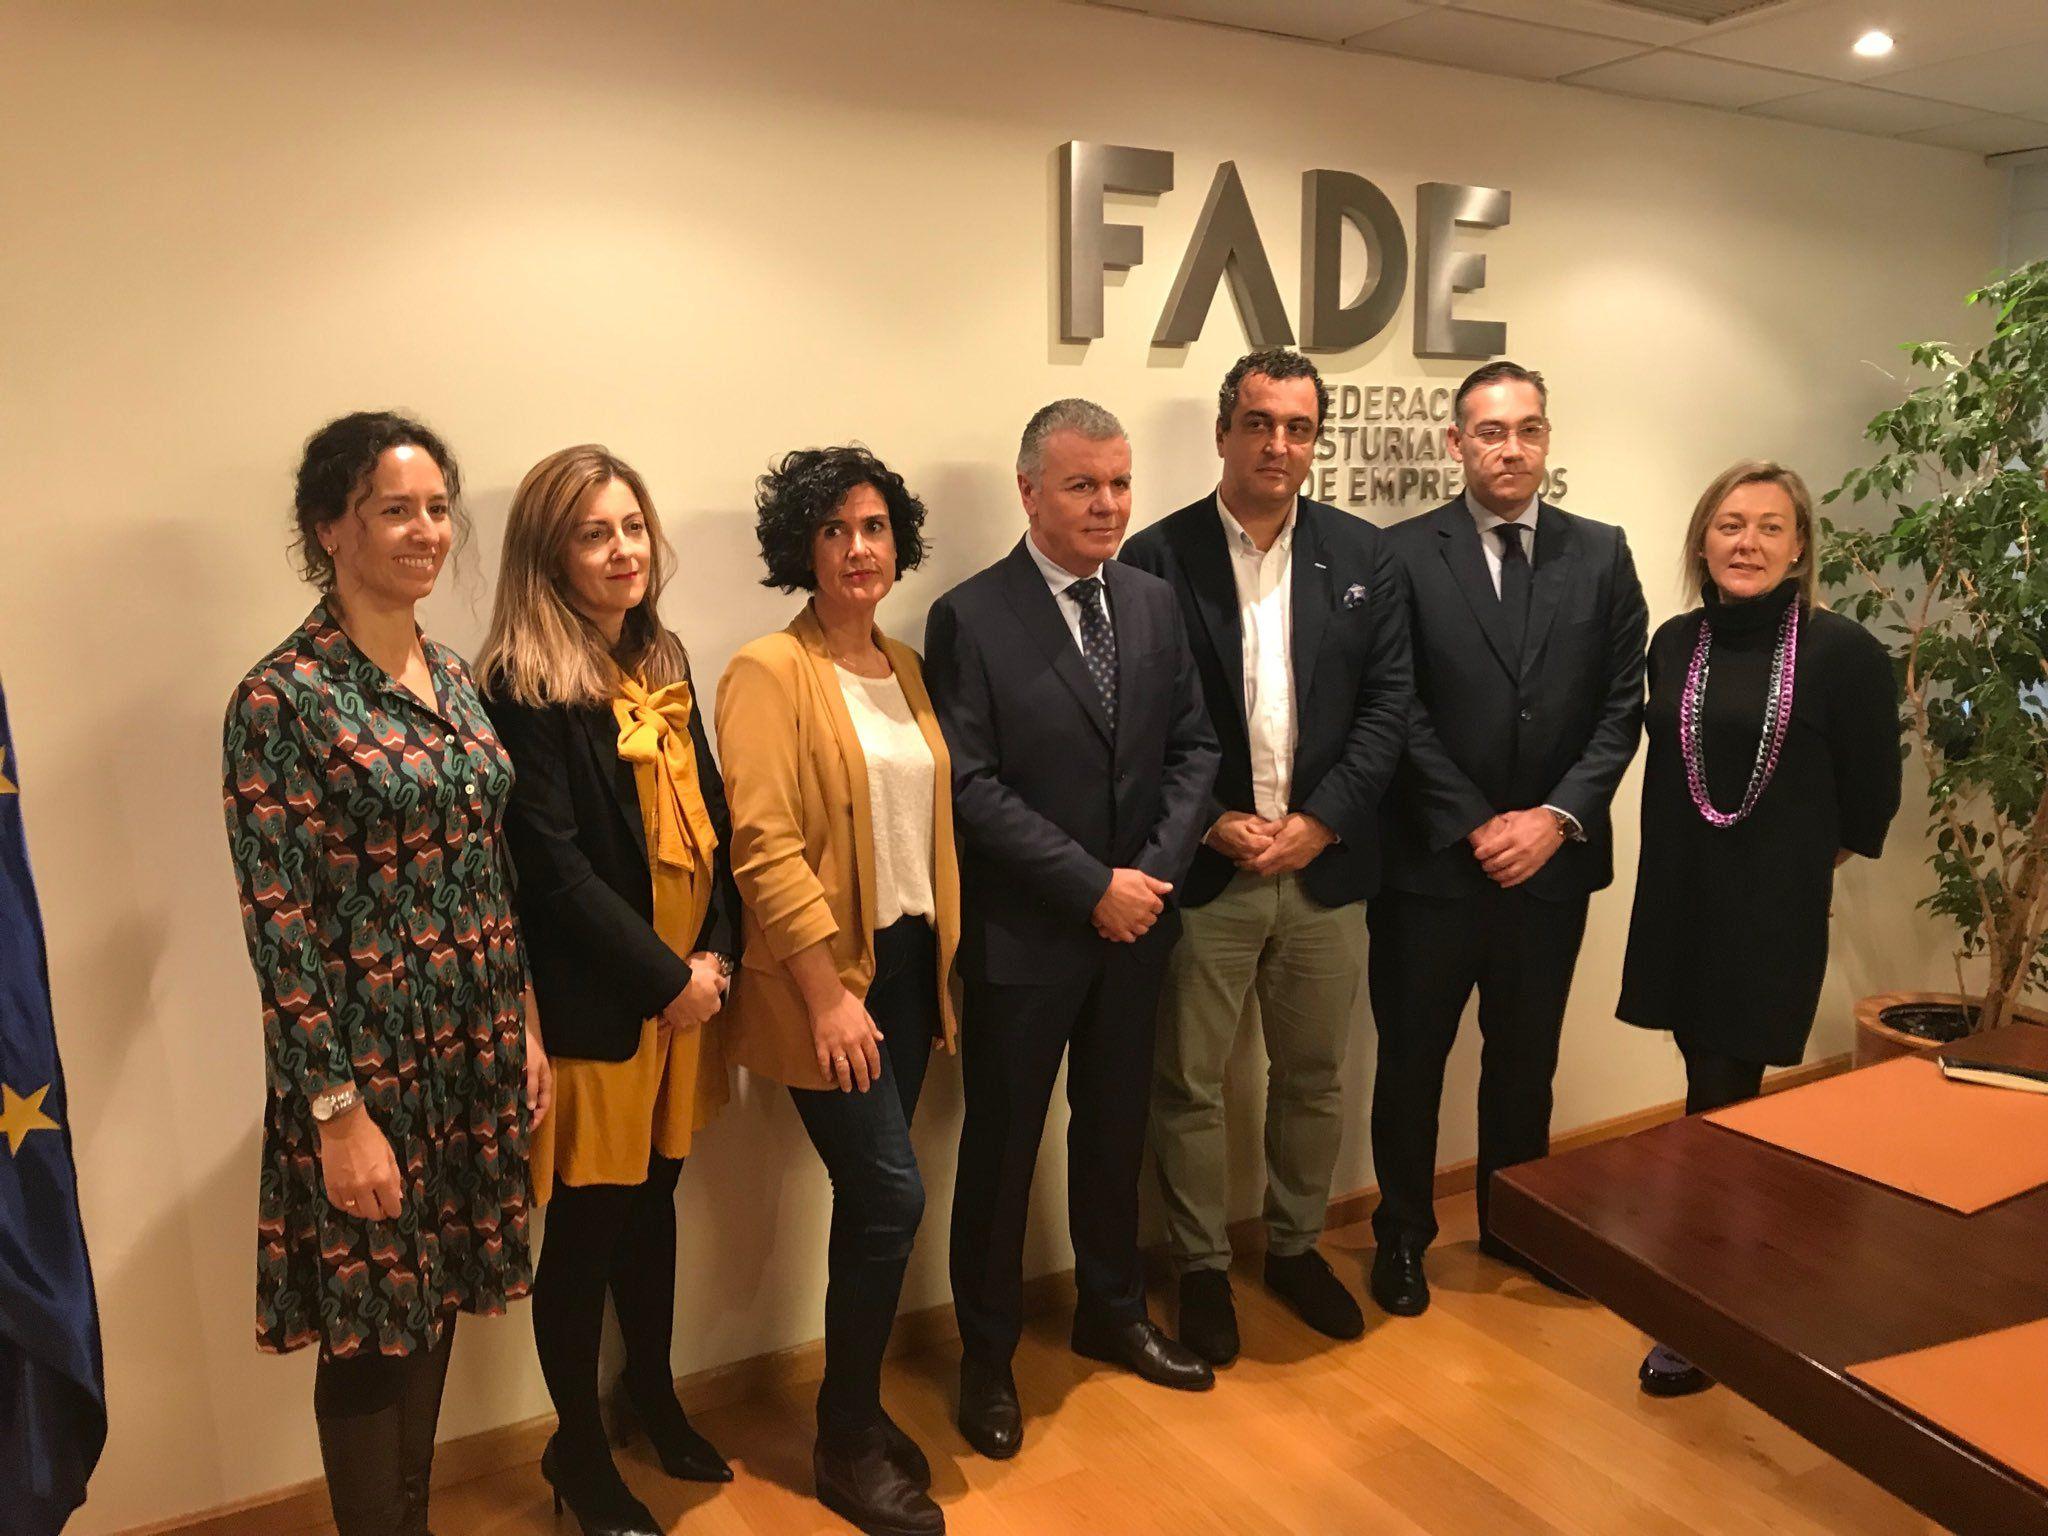 Oficina de empleo.Firma del acuerdo entre Alimerka, El Corte Inglés, MasyMas y Mercadona y la Cámara de Comercio para impulsar el comercio en Oviedo